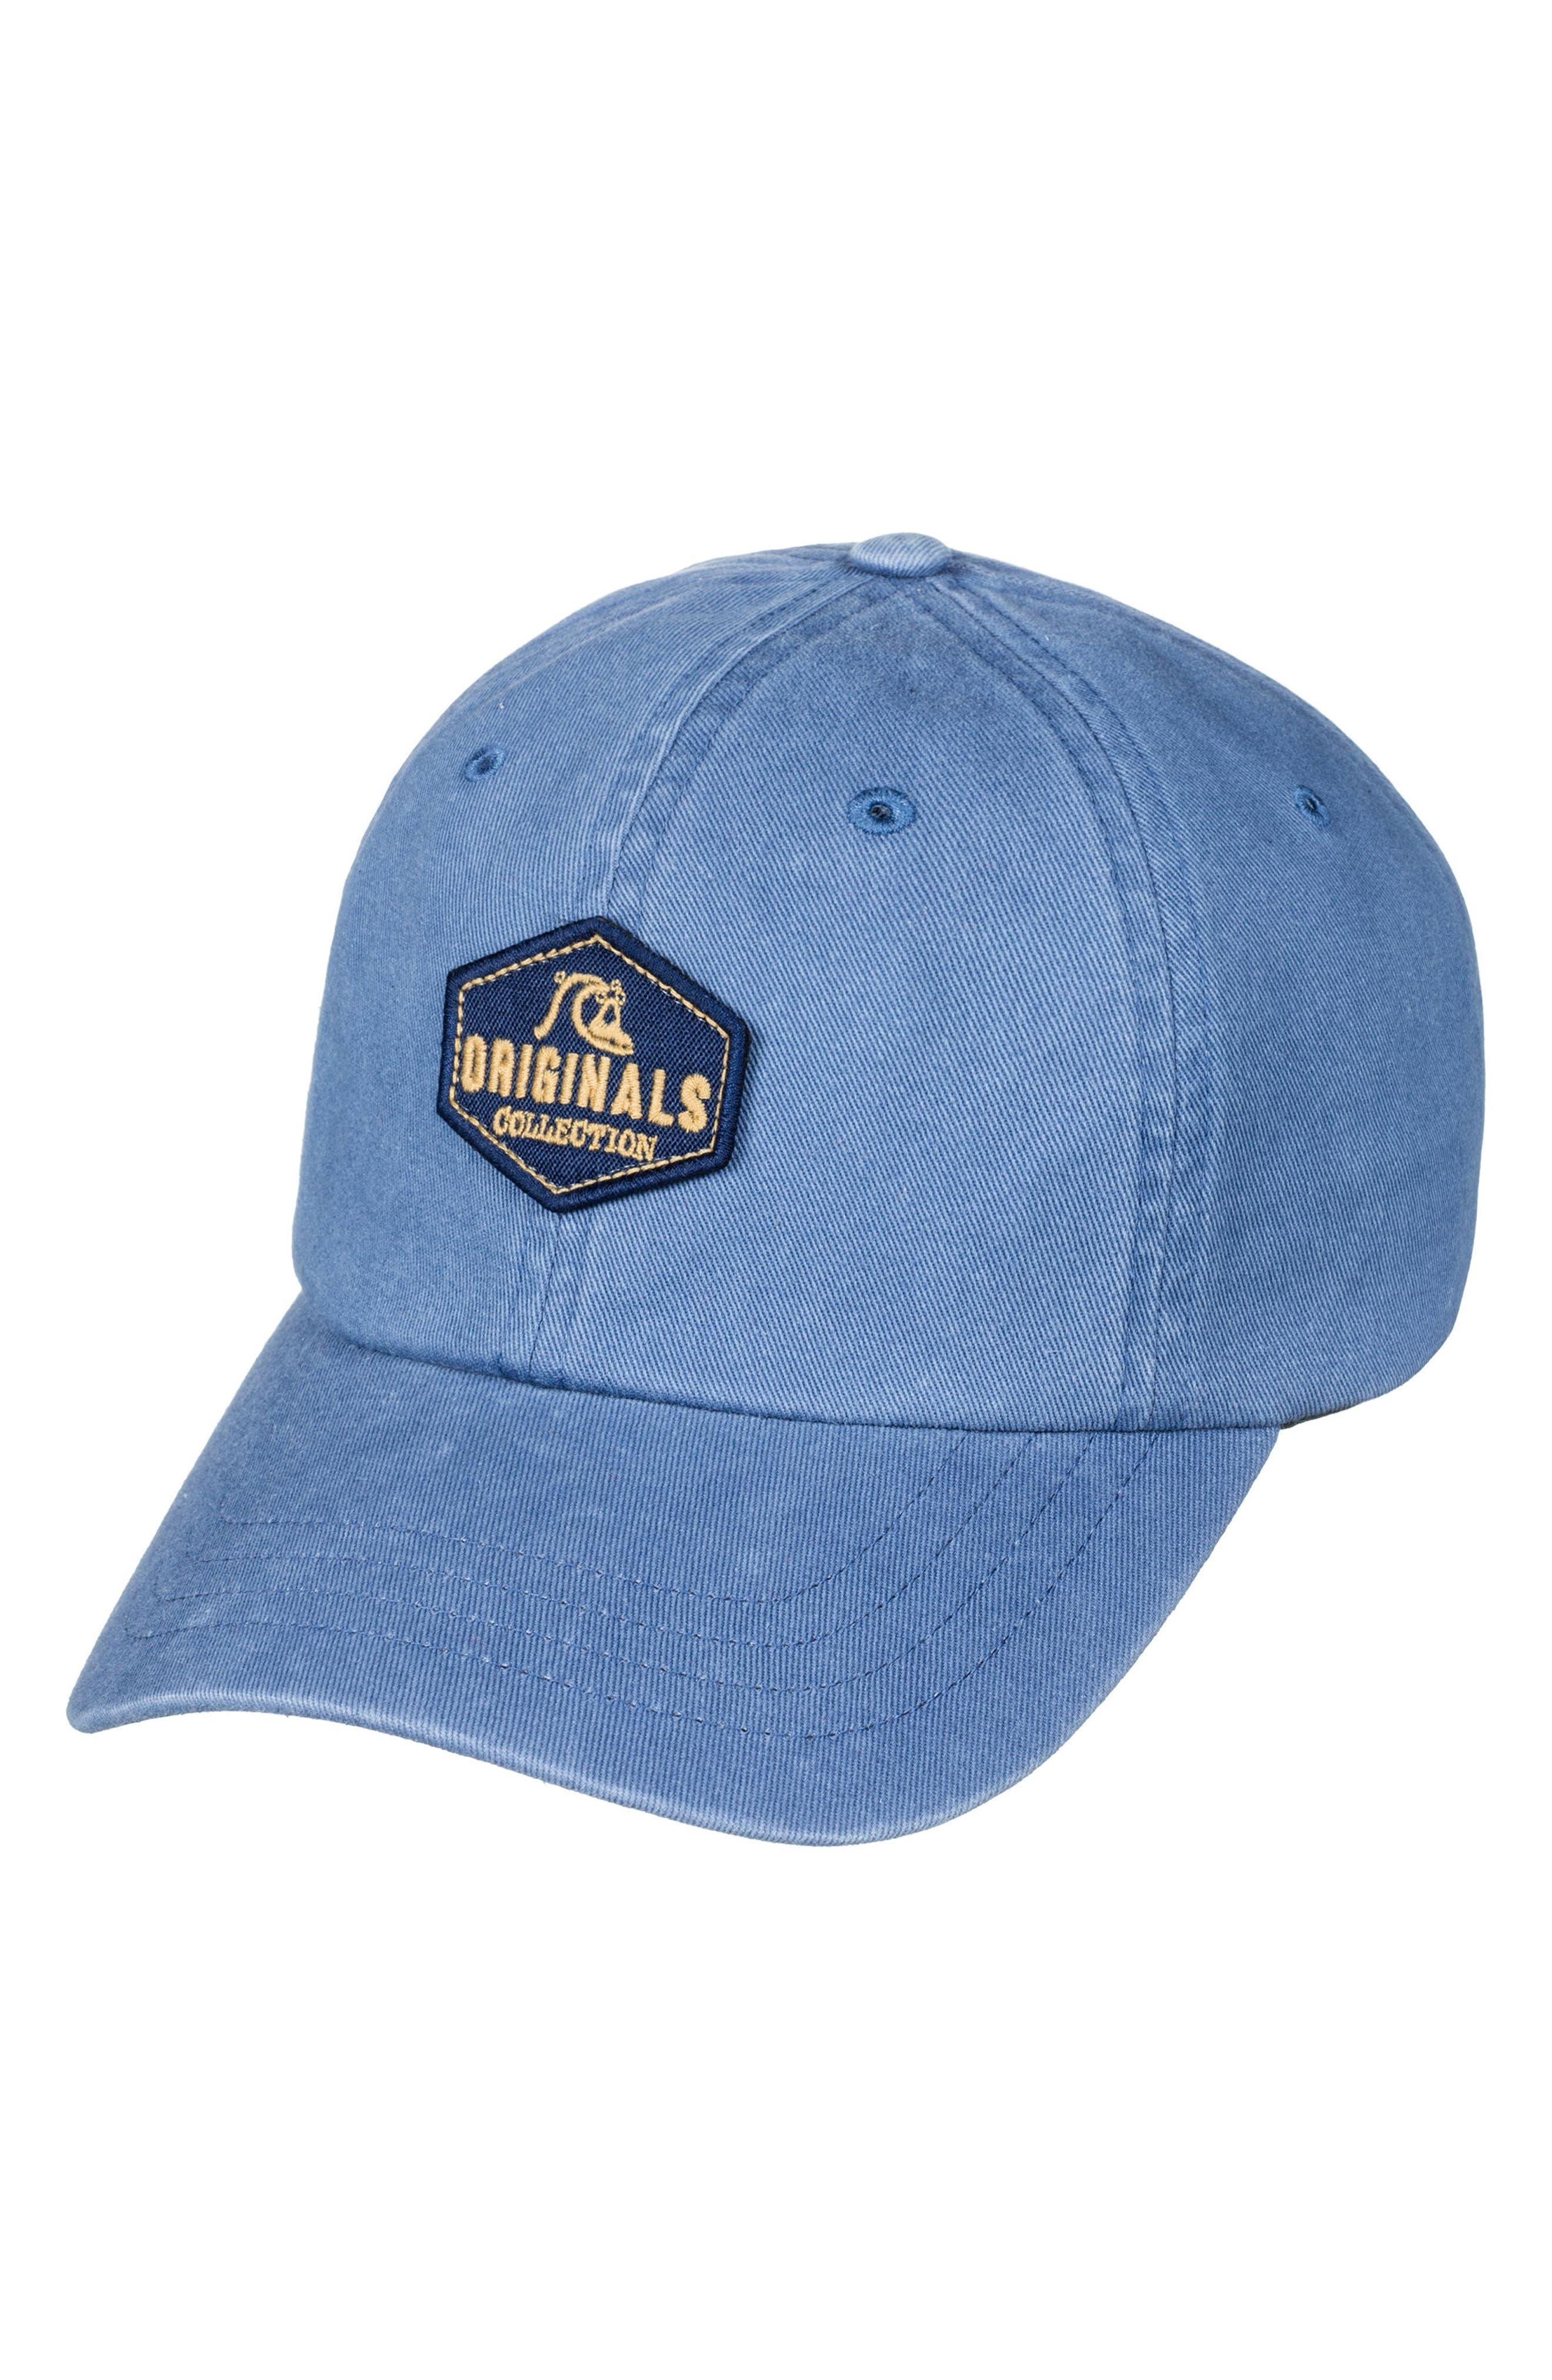 Boozie Adjustable Denim Cap,                         Main,                         color, Vintage Indigo